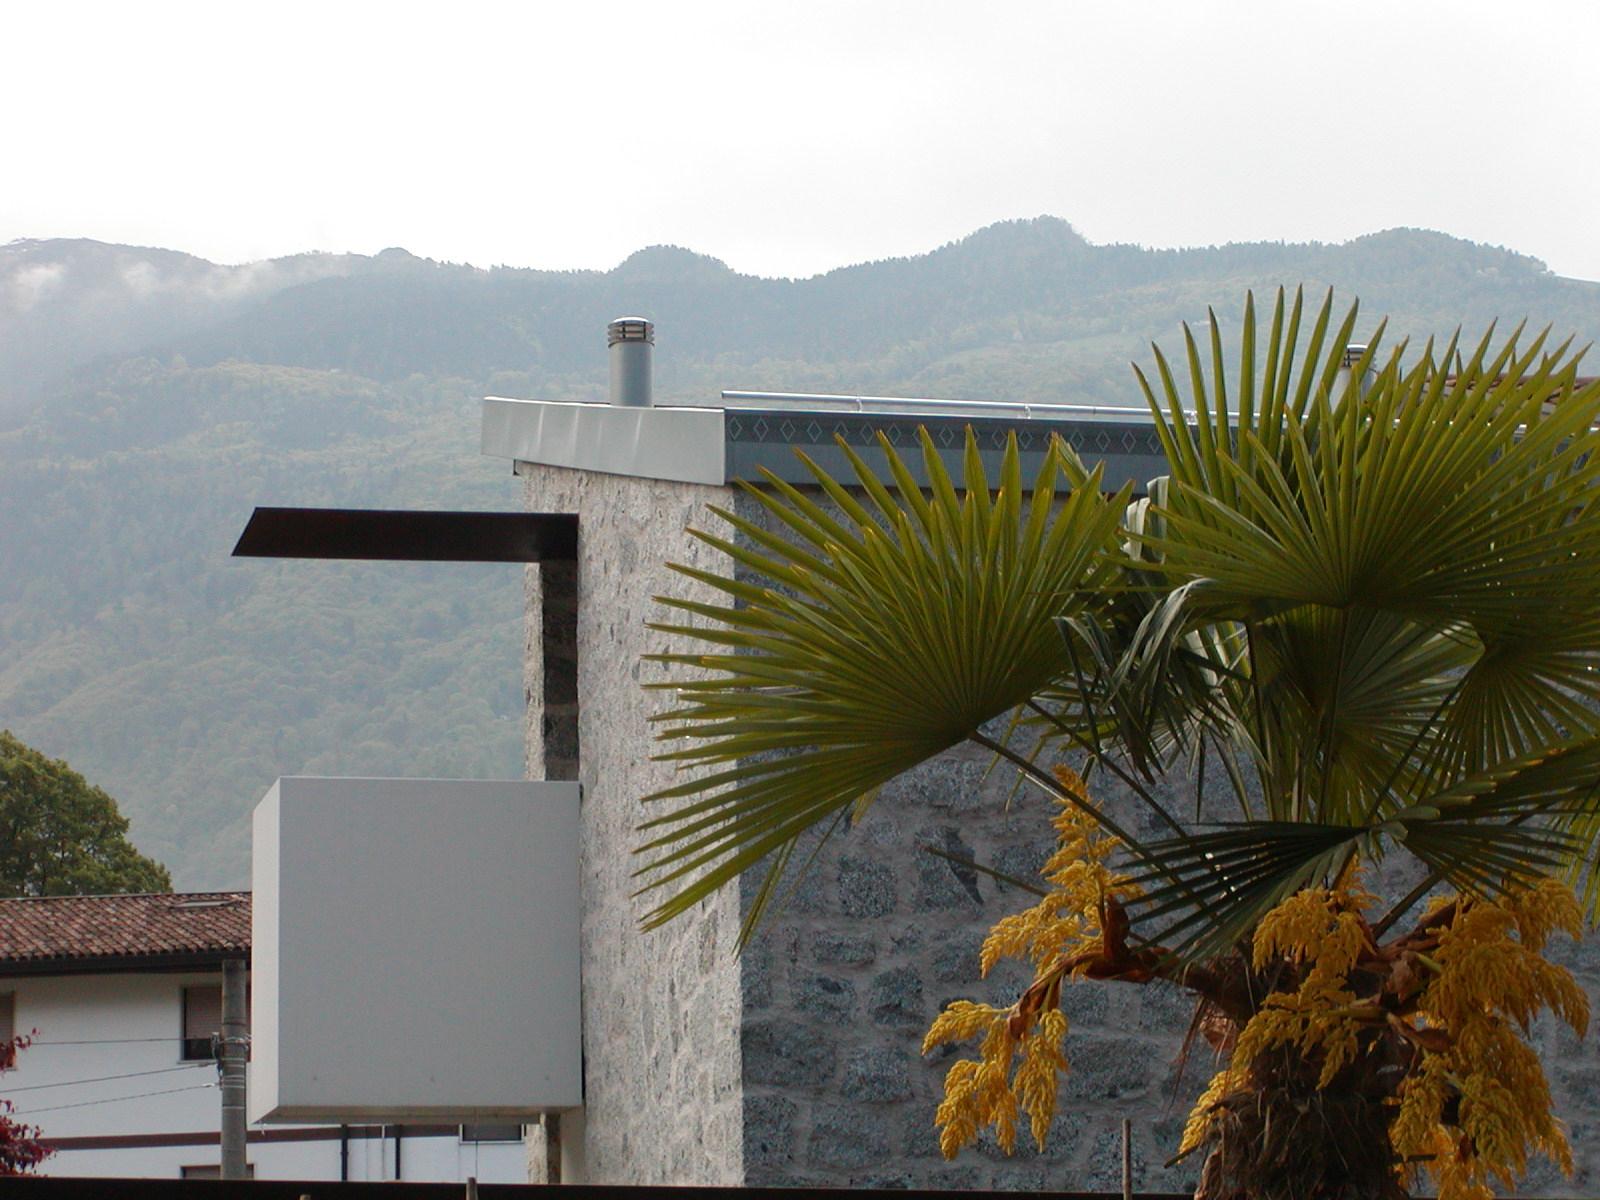 Studio-di-architettura-Baisotti-Sigala-prgetti104